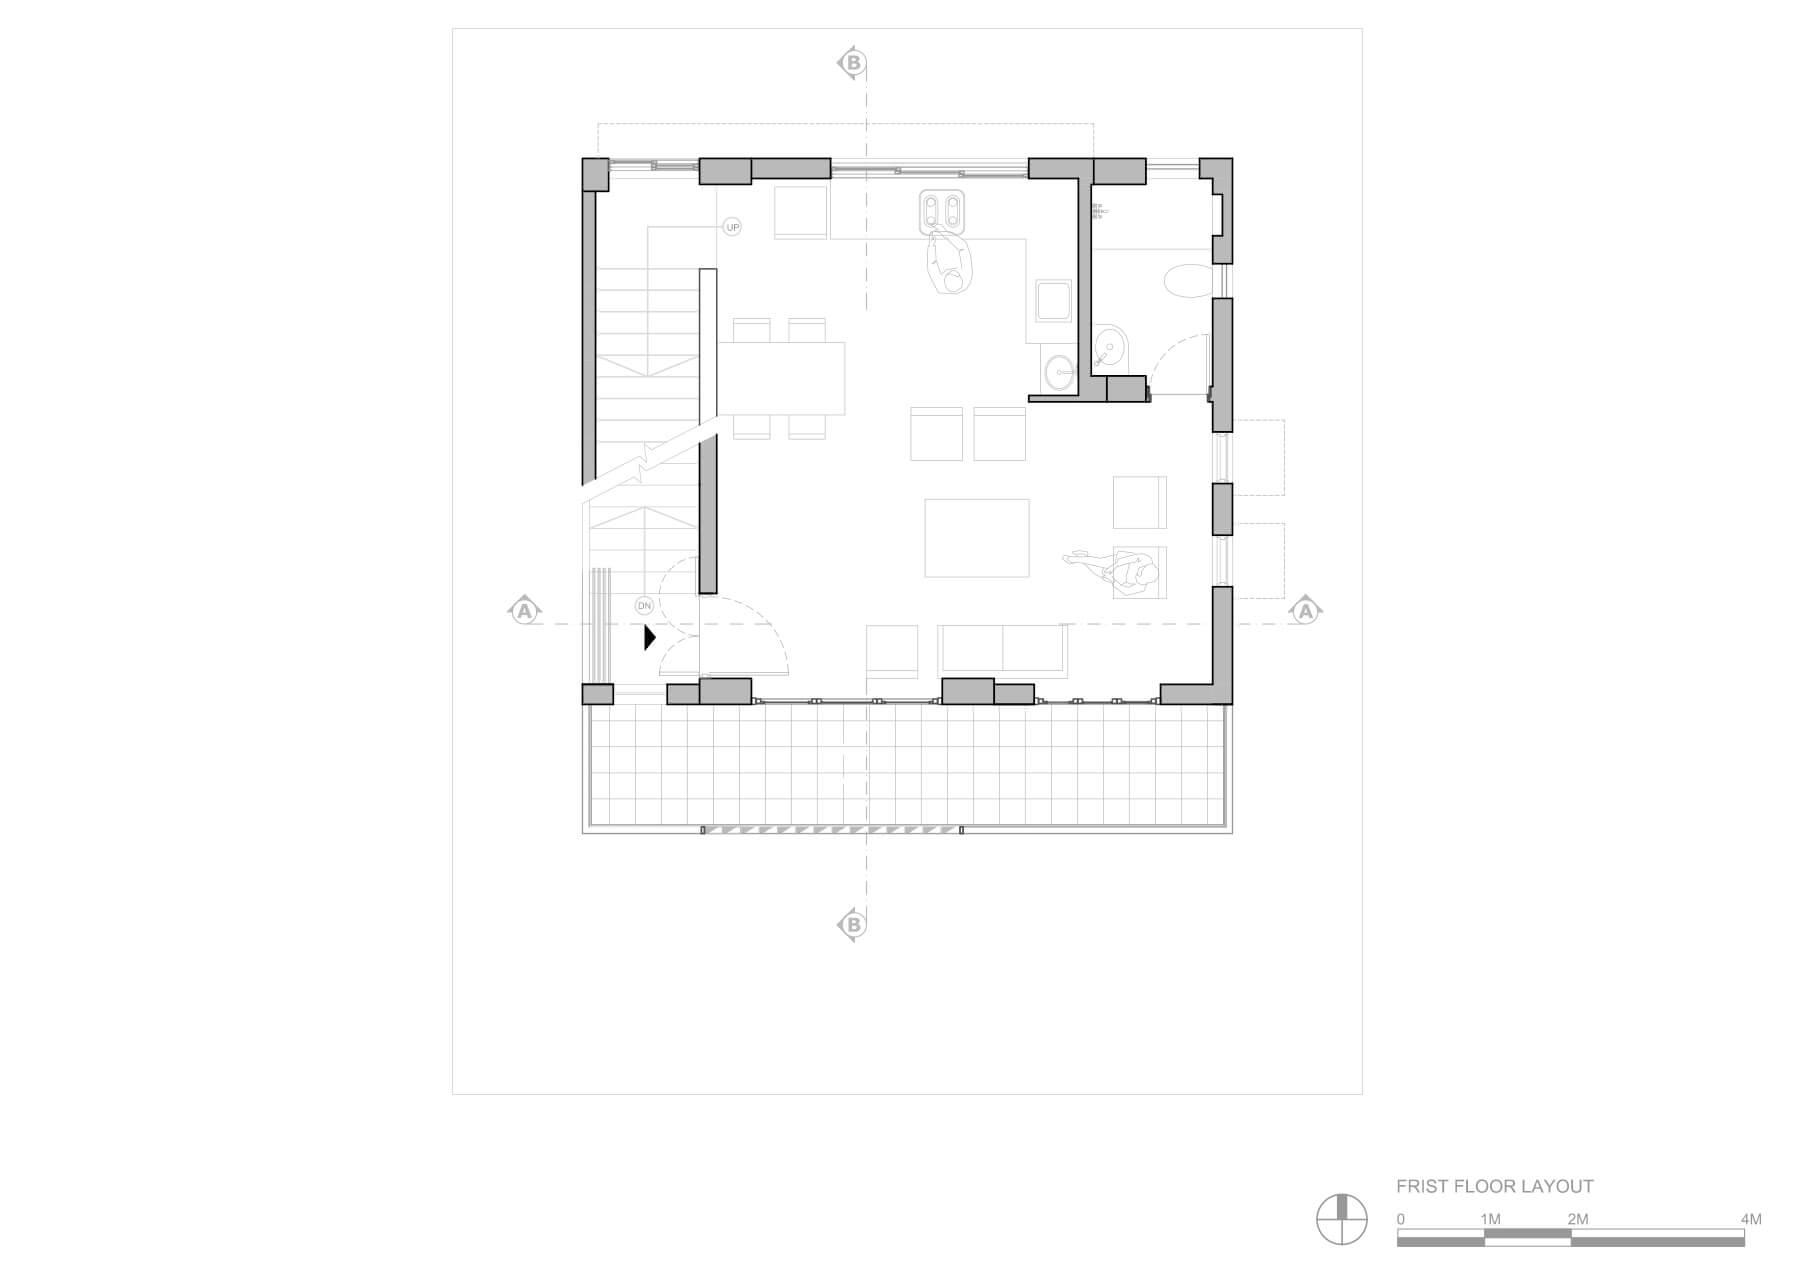 2-frist floor